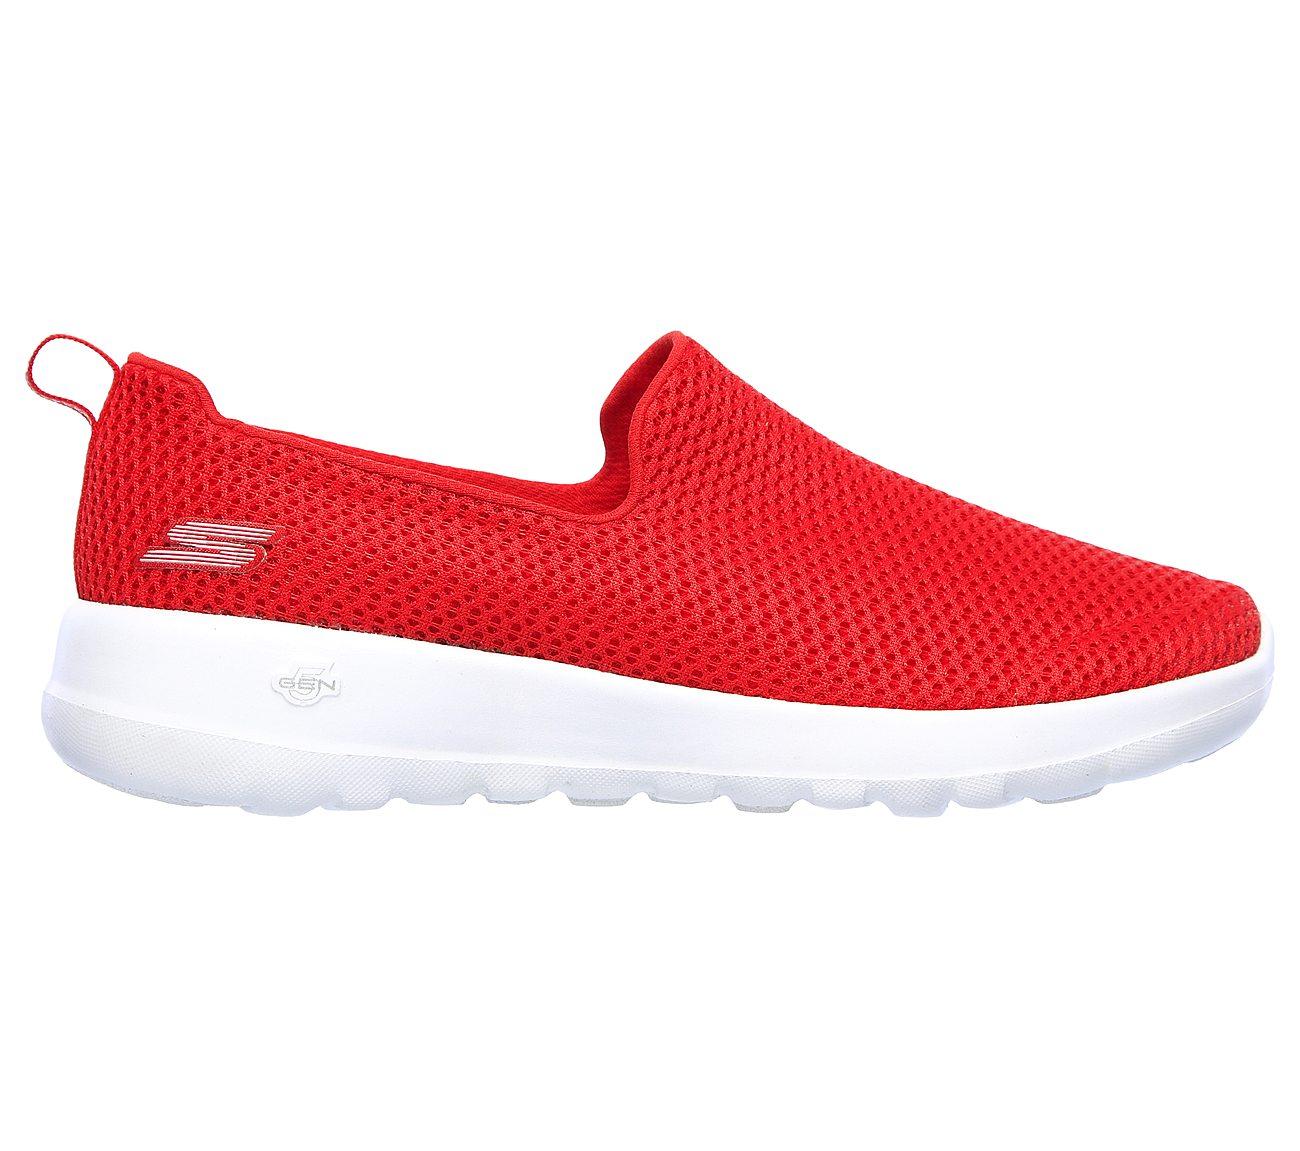 07c0e7b0e9a3 Buy SKECHERS Skechers GOwalk Joy Skechers Performance Shoes only  60.00